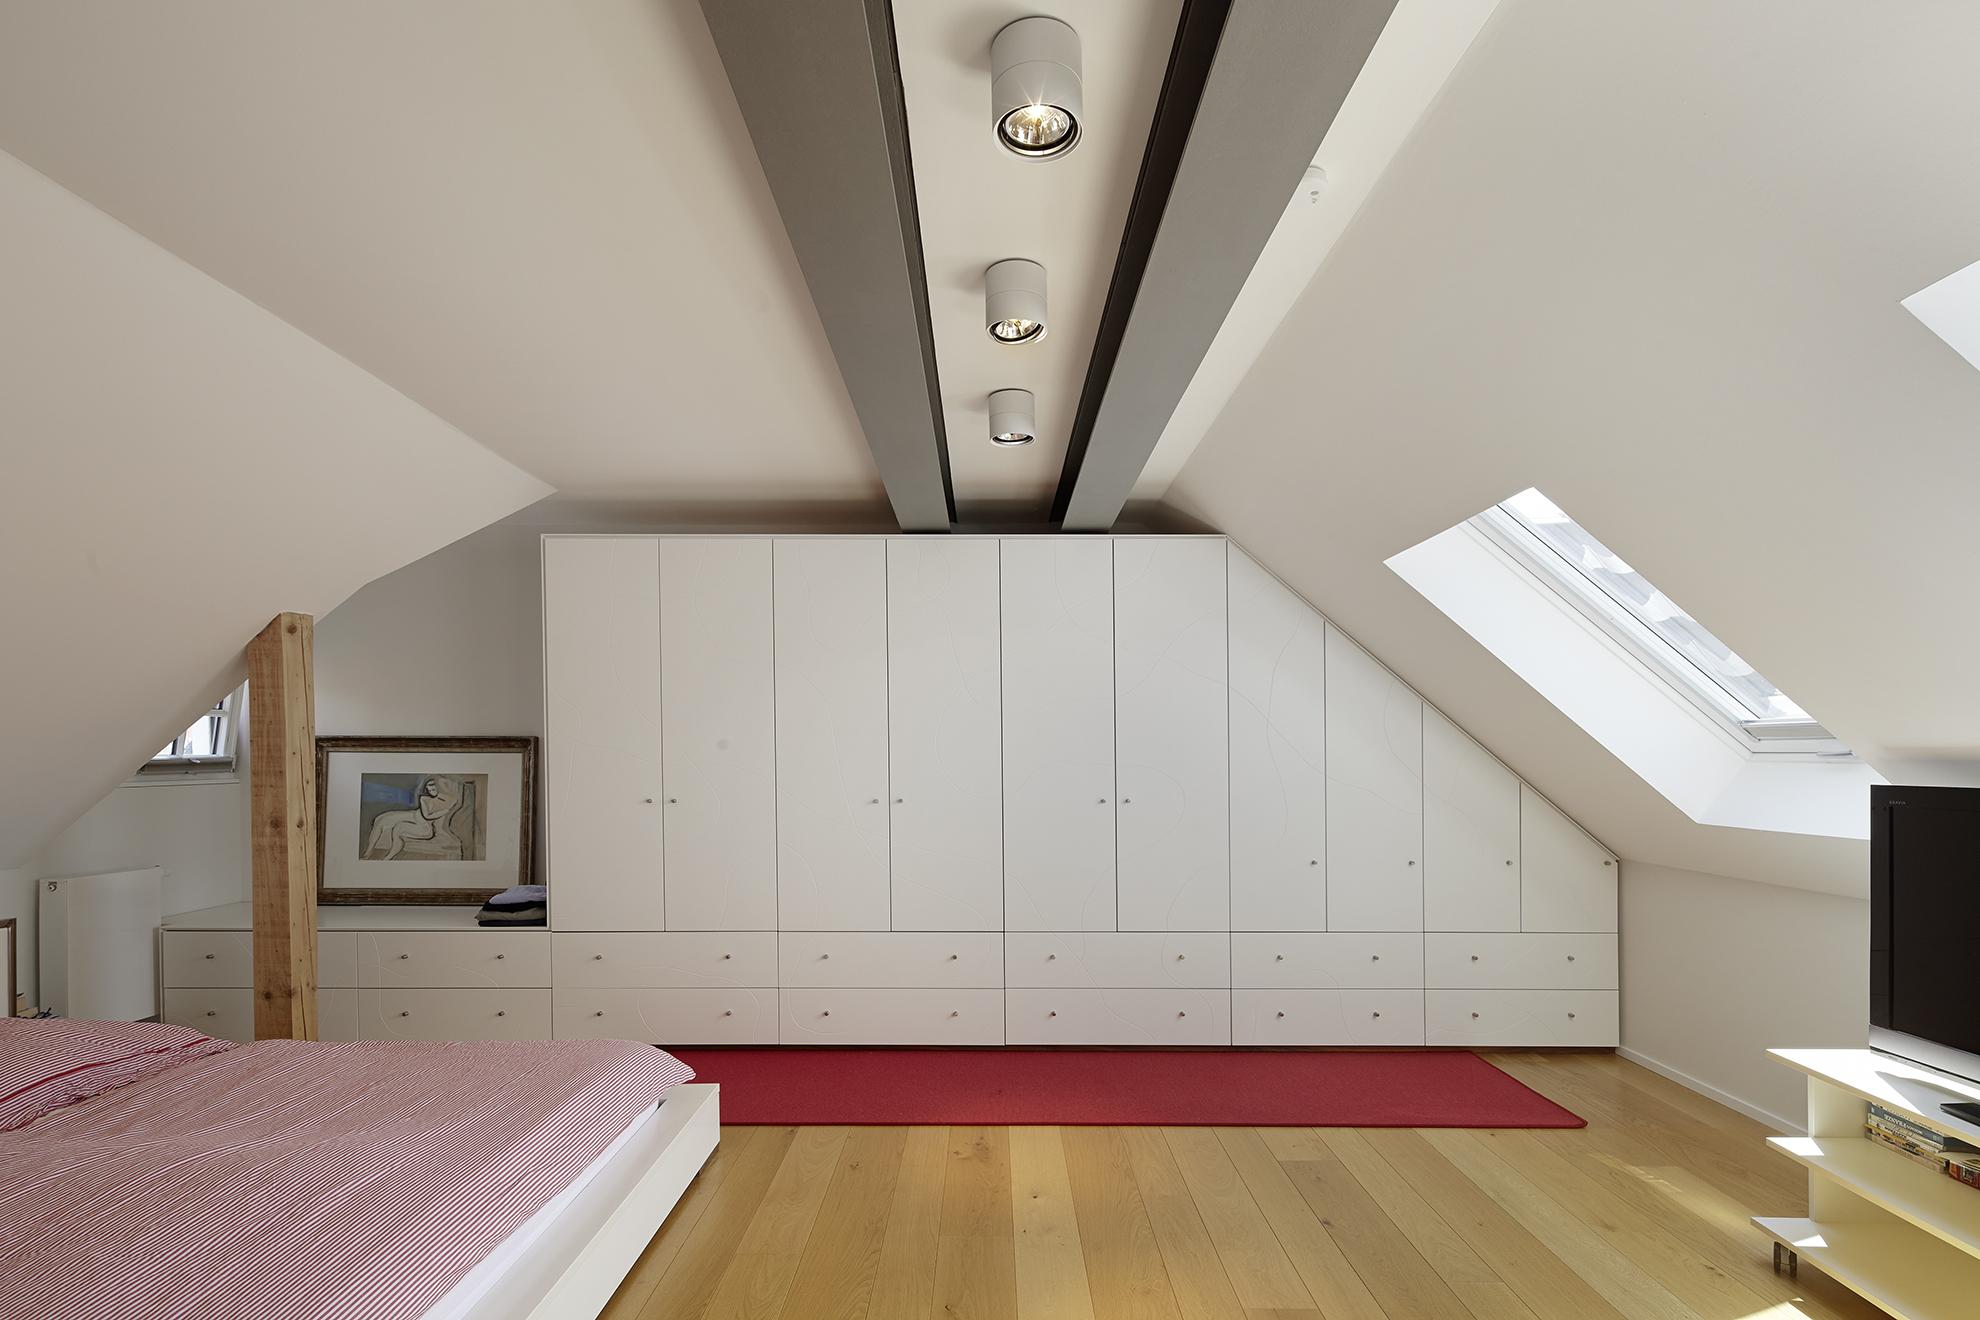 Schlafzimmer im ausgebauten Spitzboden